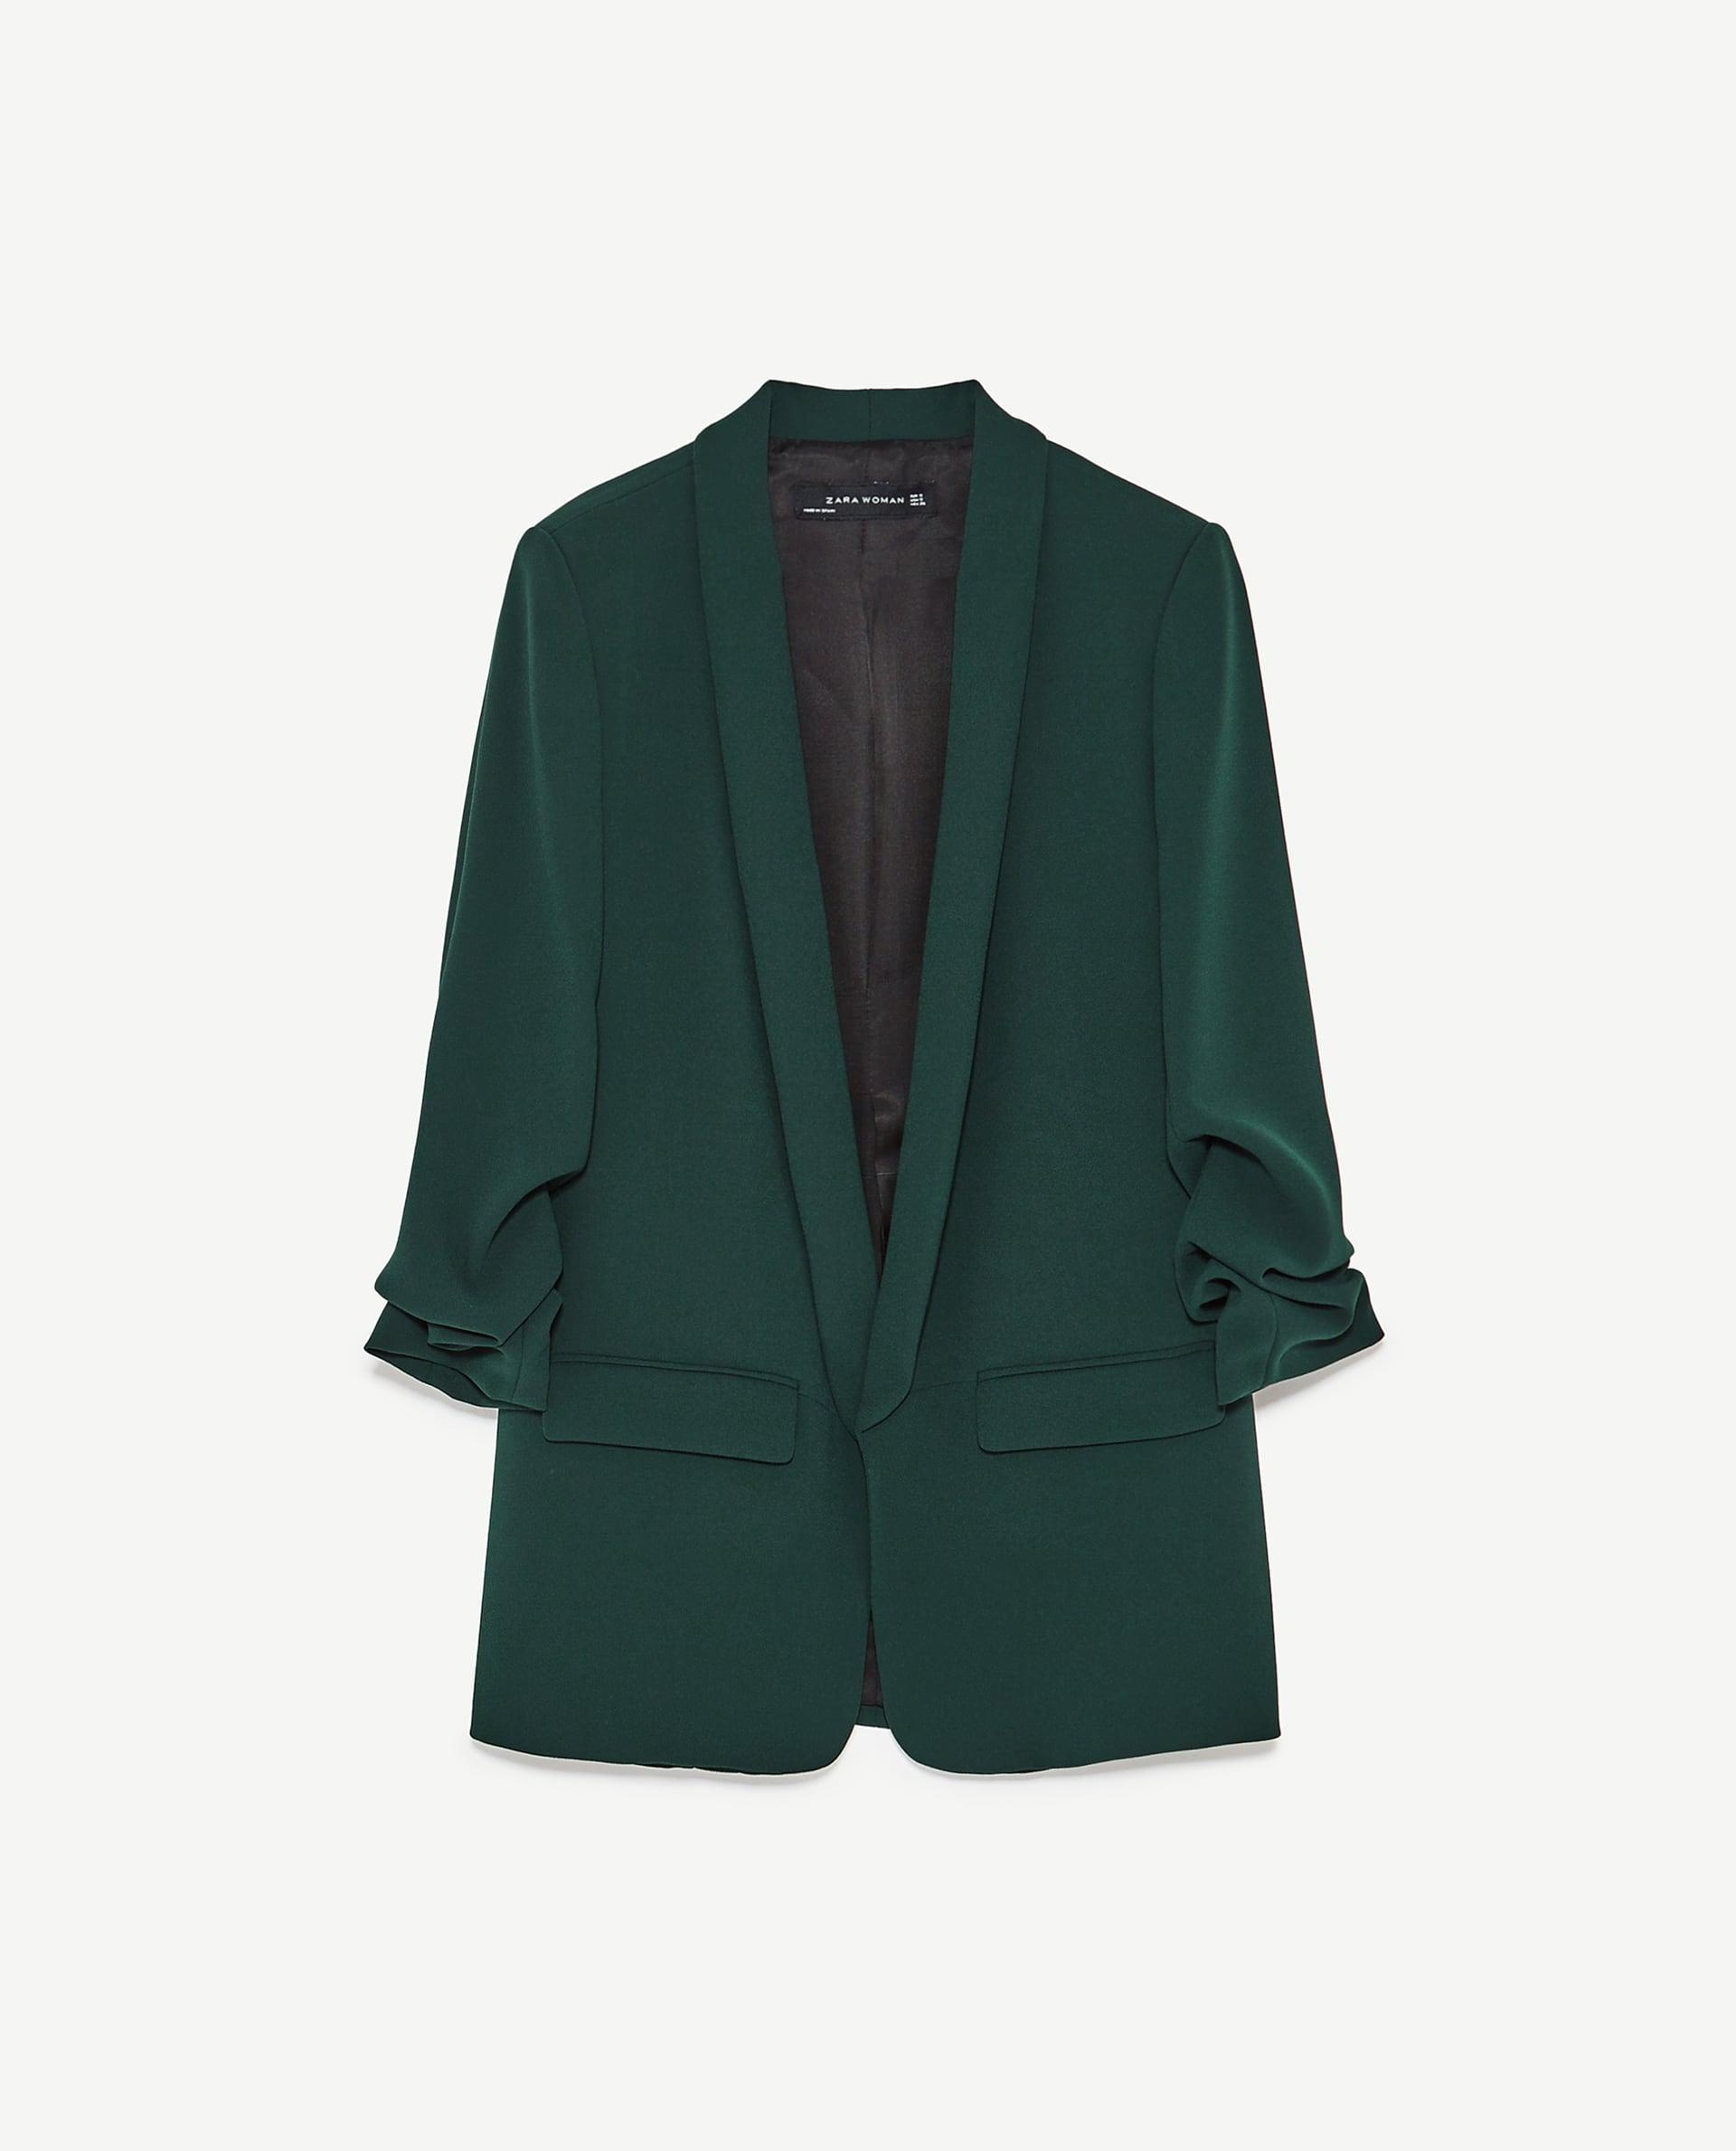 Blazer mit Ärmeln zum Krempeln von Zara in grün